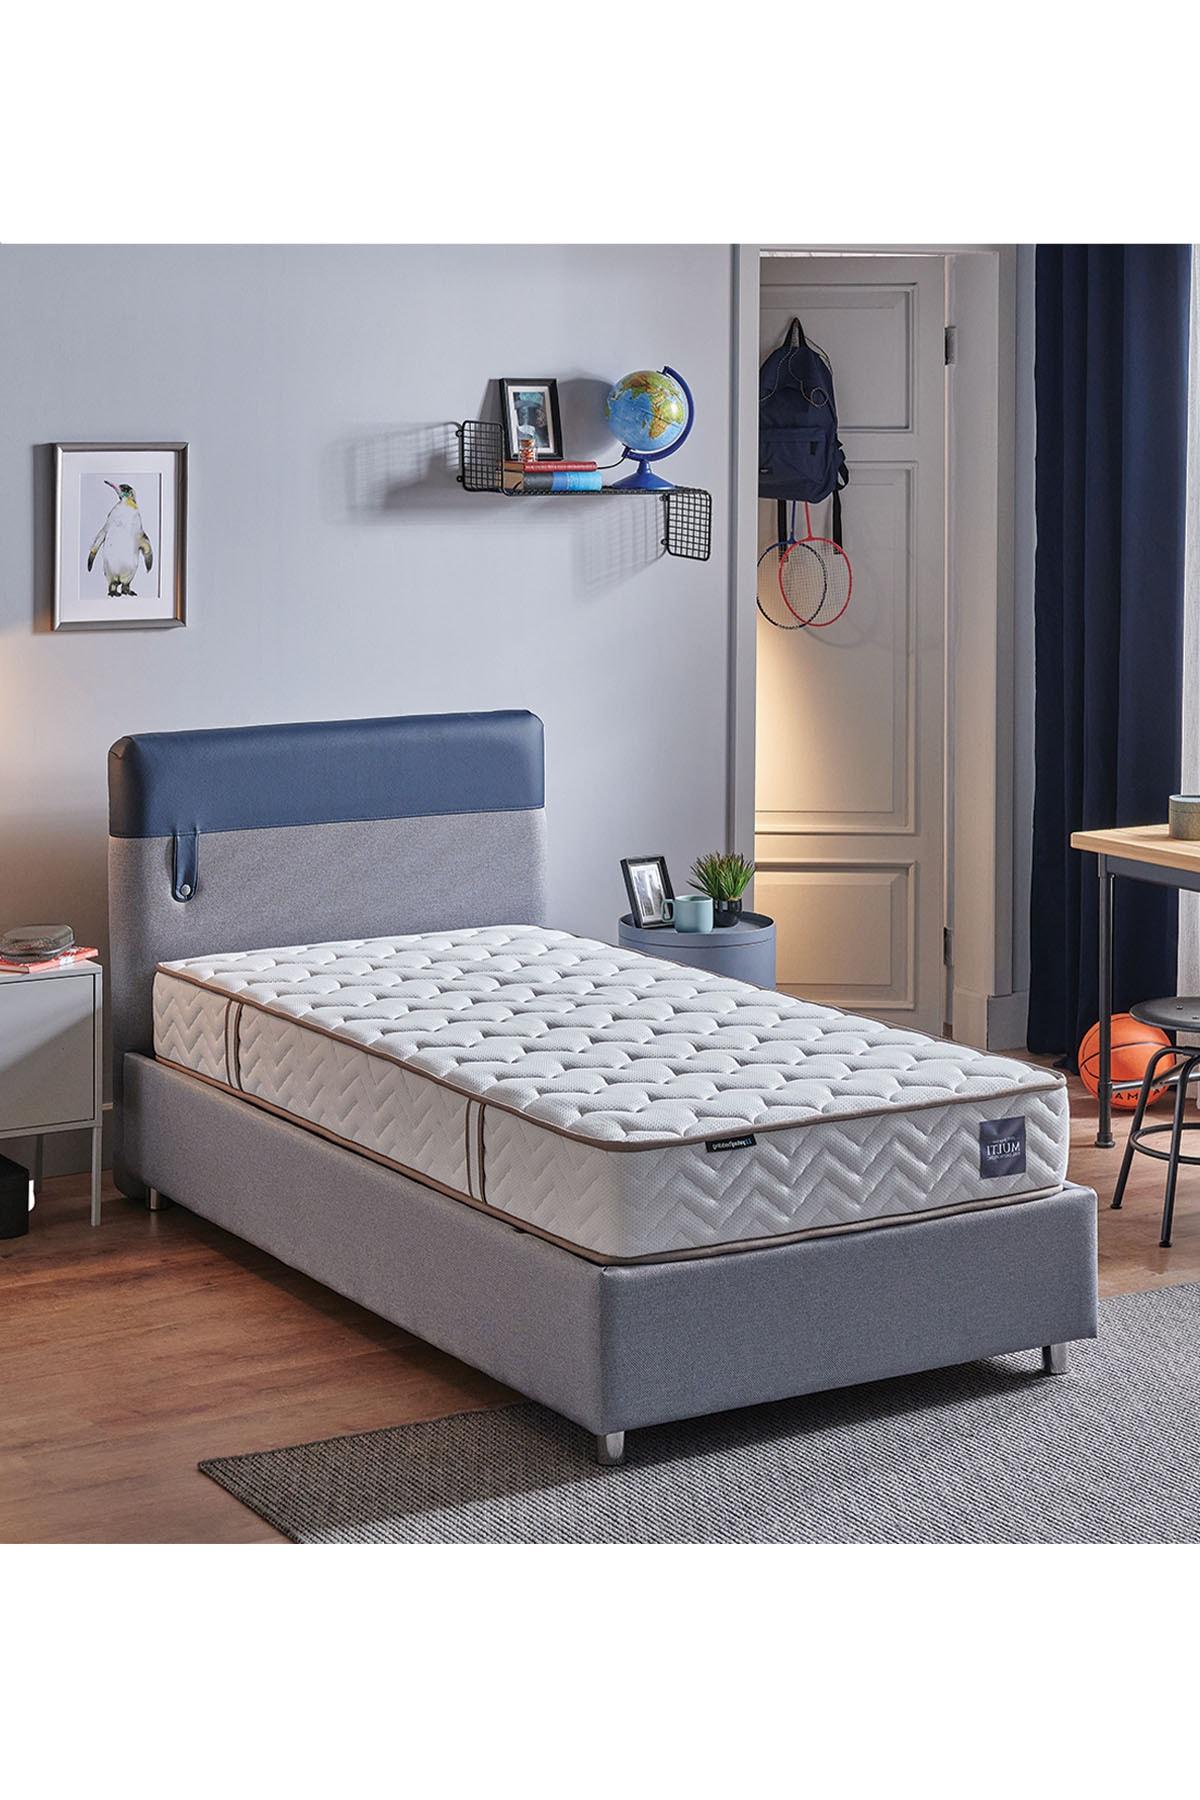 Loris Sandıklı Yatak Baza Başlık Genç Seti - Multi Yatak - Tek Kişilik - Mavi - Lacivert